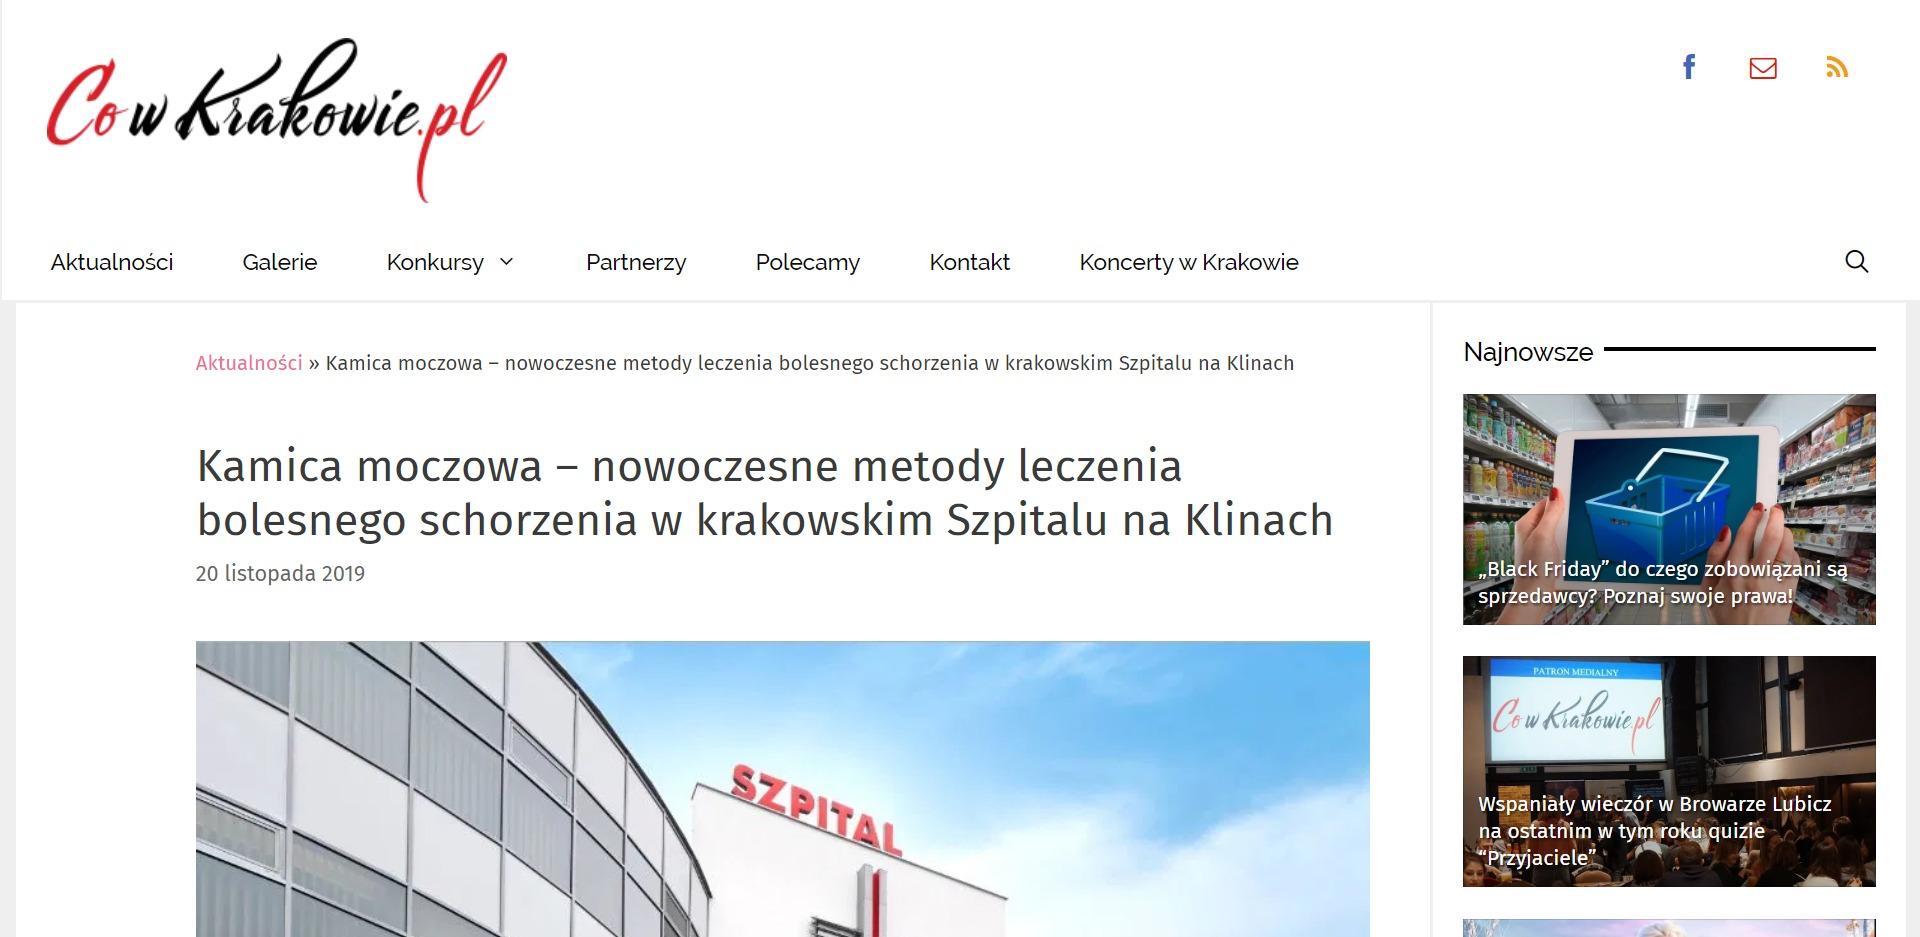 Kamica moczowa – nowoczesne metody leczenia bolesnego schorzenia w krakowskim Szpitalu na Klinach